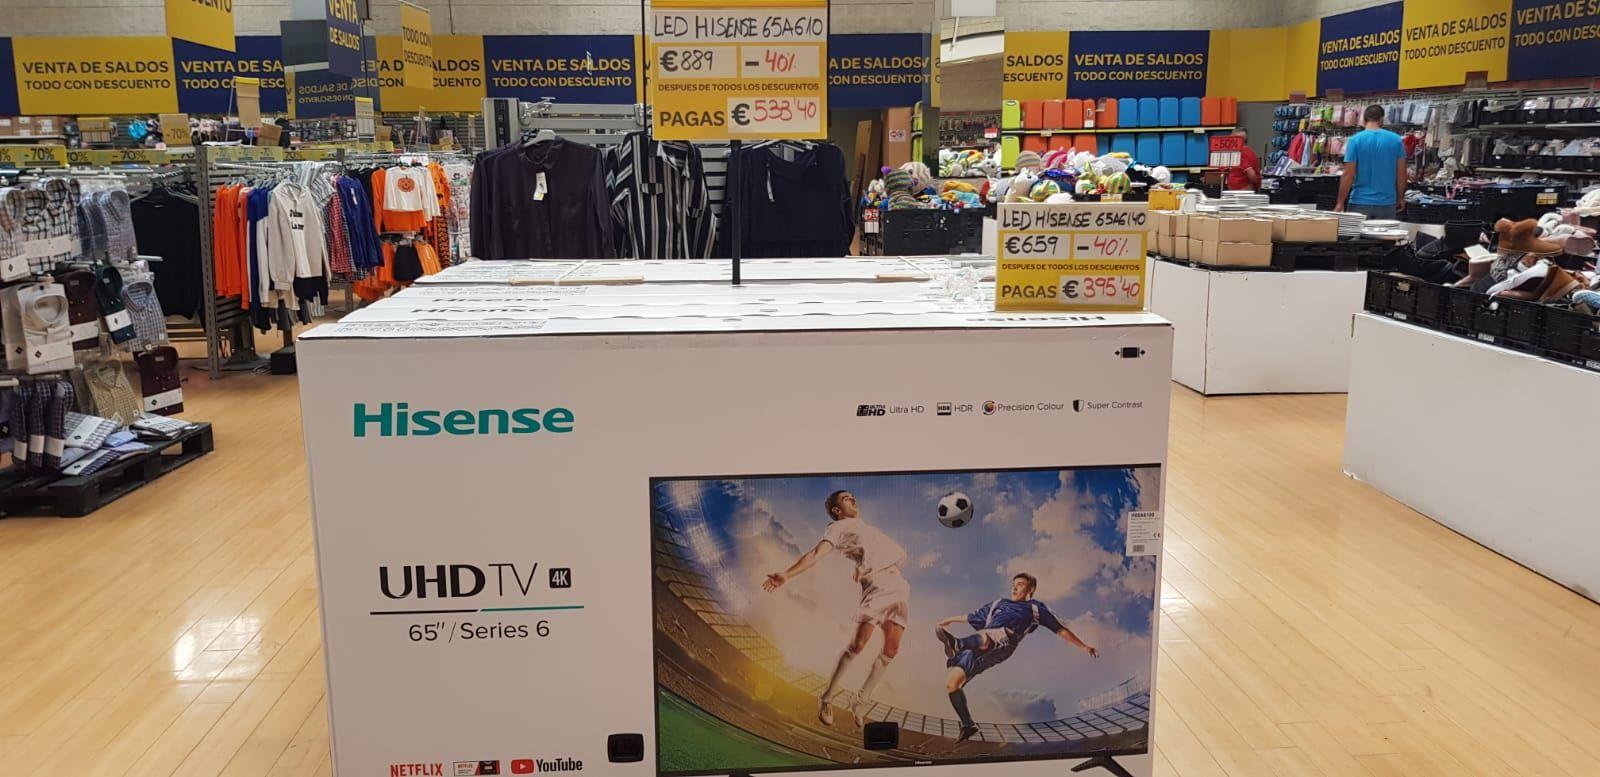 """TV 65"""" Hisense en Carrefour del centro comercial atalayas (Murcia)"""